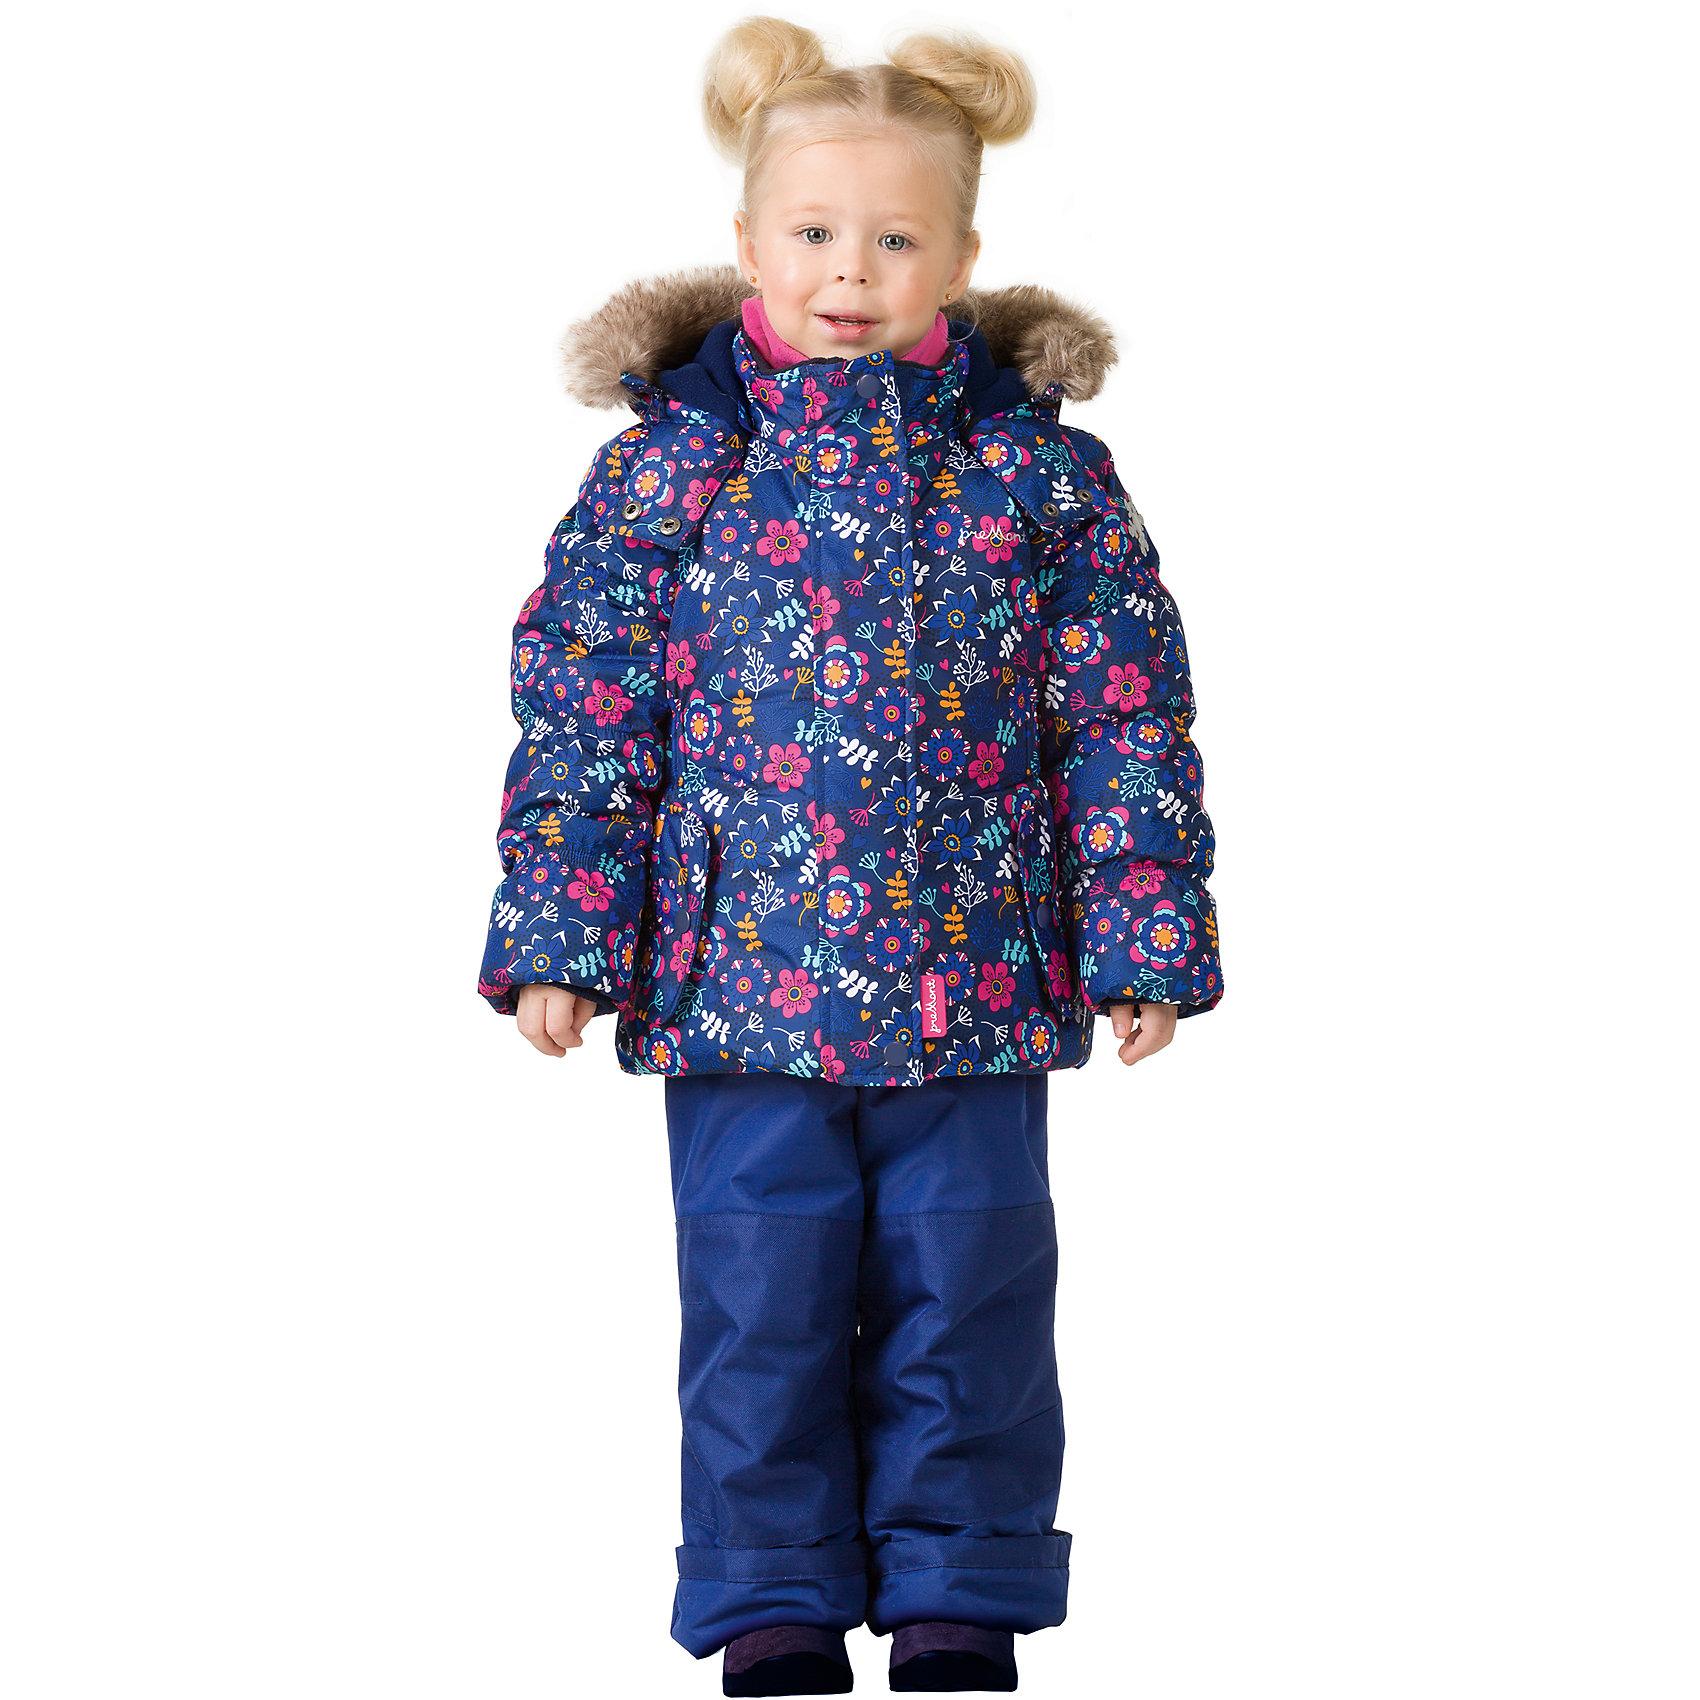 Комплект: куртка и брюки Premont для девочкиВерхняя одежда<br>Характеристики товара:<br><br>• цвет: синий<br>• комплектация: куртка и брюки<br>• состав ткани: Taslan<br>• подкладка: Polar fleece, Taffeta<br>• утеплитель: Tech-polyfill<br>• сезон: зима<br>• мембранное покрытие<br>• температурный режим: от -30 до +5<br>• водонепроницаемость: 5000 мм <br>• паропроницаемость: 5000 г/м2<br>• плотность утеплителя: куртка - 280 г/м2, брюки - 180 г/м2<br>• капюшон: съемный<br>• искусственный мех на капюшоне отстегивается<br>• застежка: молния<br>• страна бренда: Канада<br>• страна изготовитель: Китай<br><br>Этот зимний детский комплект позволяет ребенку не замерзнуть даже в сильный мороз, потому что теплый комплект для детей сделан с применением мембранной технологии. Зимний комплект для ребенка обеспечивает удобство при долгом нахождении ребенка на улице. <br><br>Комплект: куртка и брюки для девочки Premont (Премонт) можно купить в нашем интернет-магазине.<br><br>Ширина мм: 356<br>Глубина мм: 10<br>Высота мм: 245<br>Вес г: 519<br>Цвет: синий<br>Возраст от месяцев: 156<br>Возраст до месяцев: 168<br>Пол: Женский<br>Возраст: Детский<br>Размер: 164,92,98,100,104,110,116,120,122,128,140,152<br>SKU: 7088138